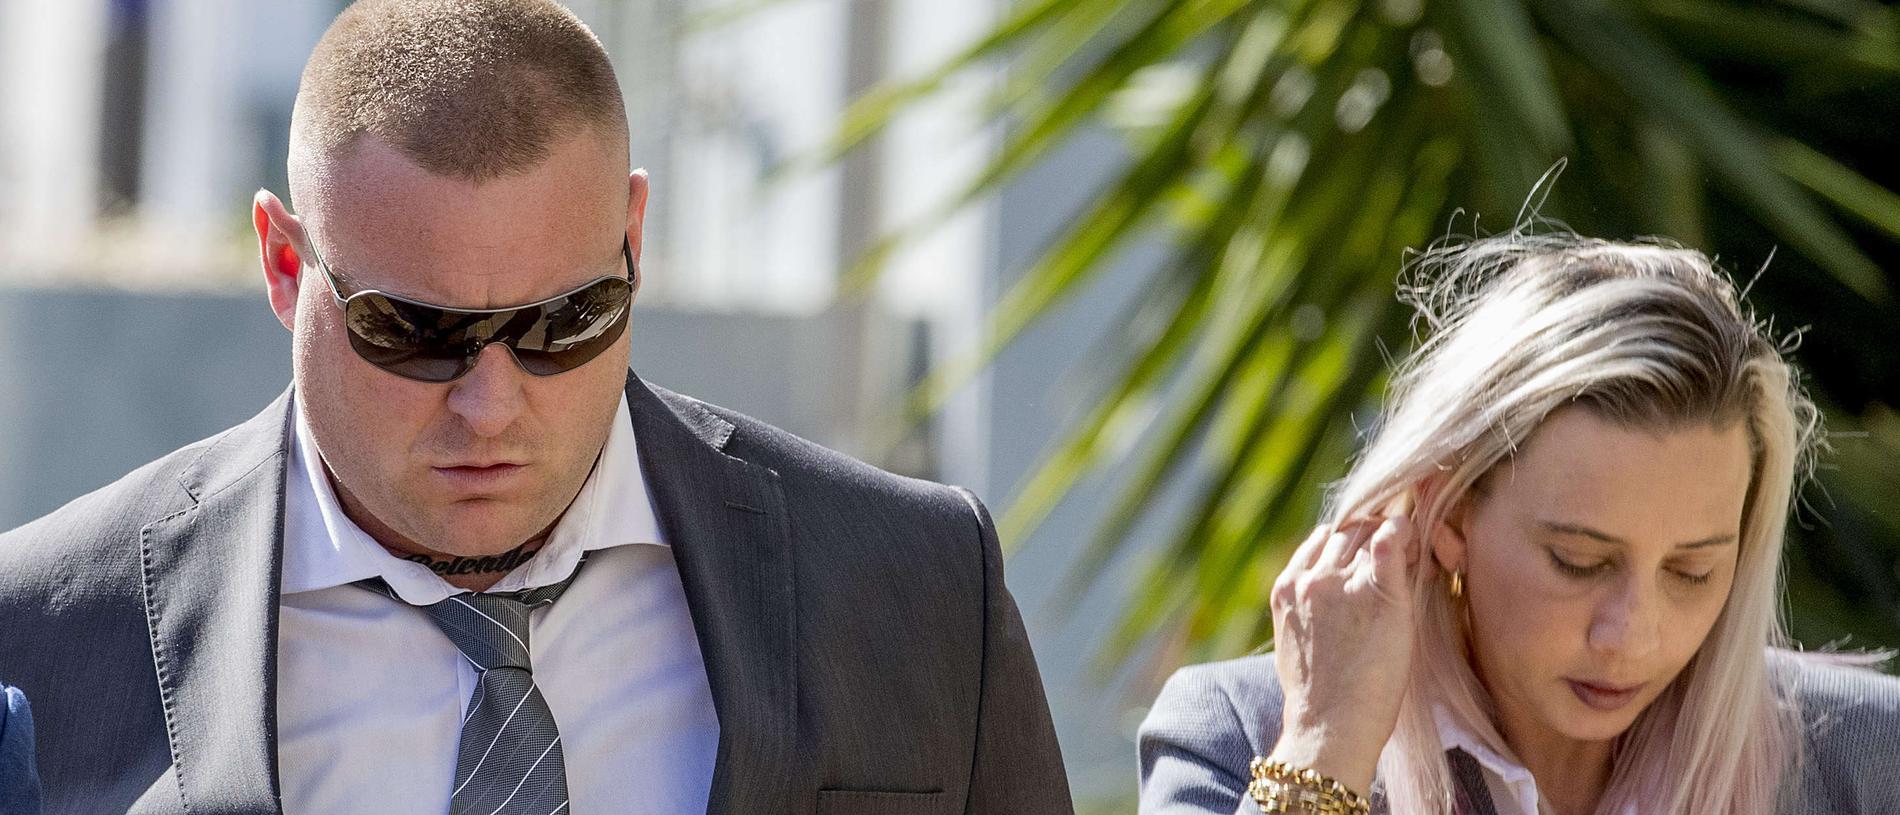 Brett Peter Cowan found guilty